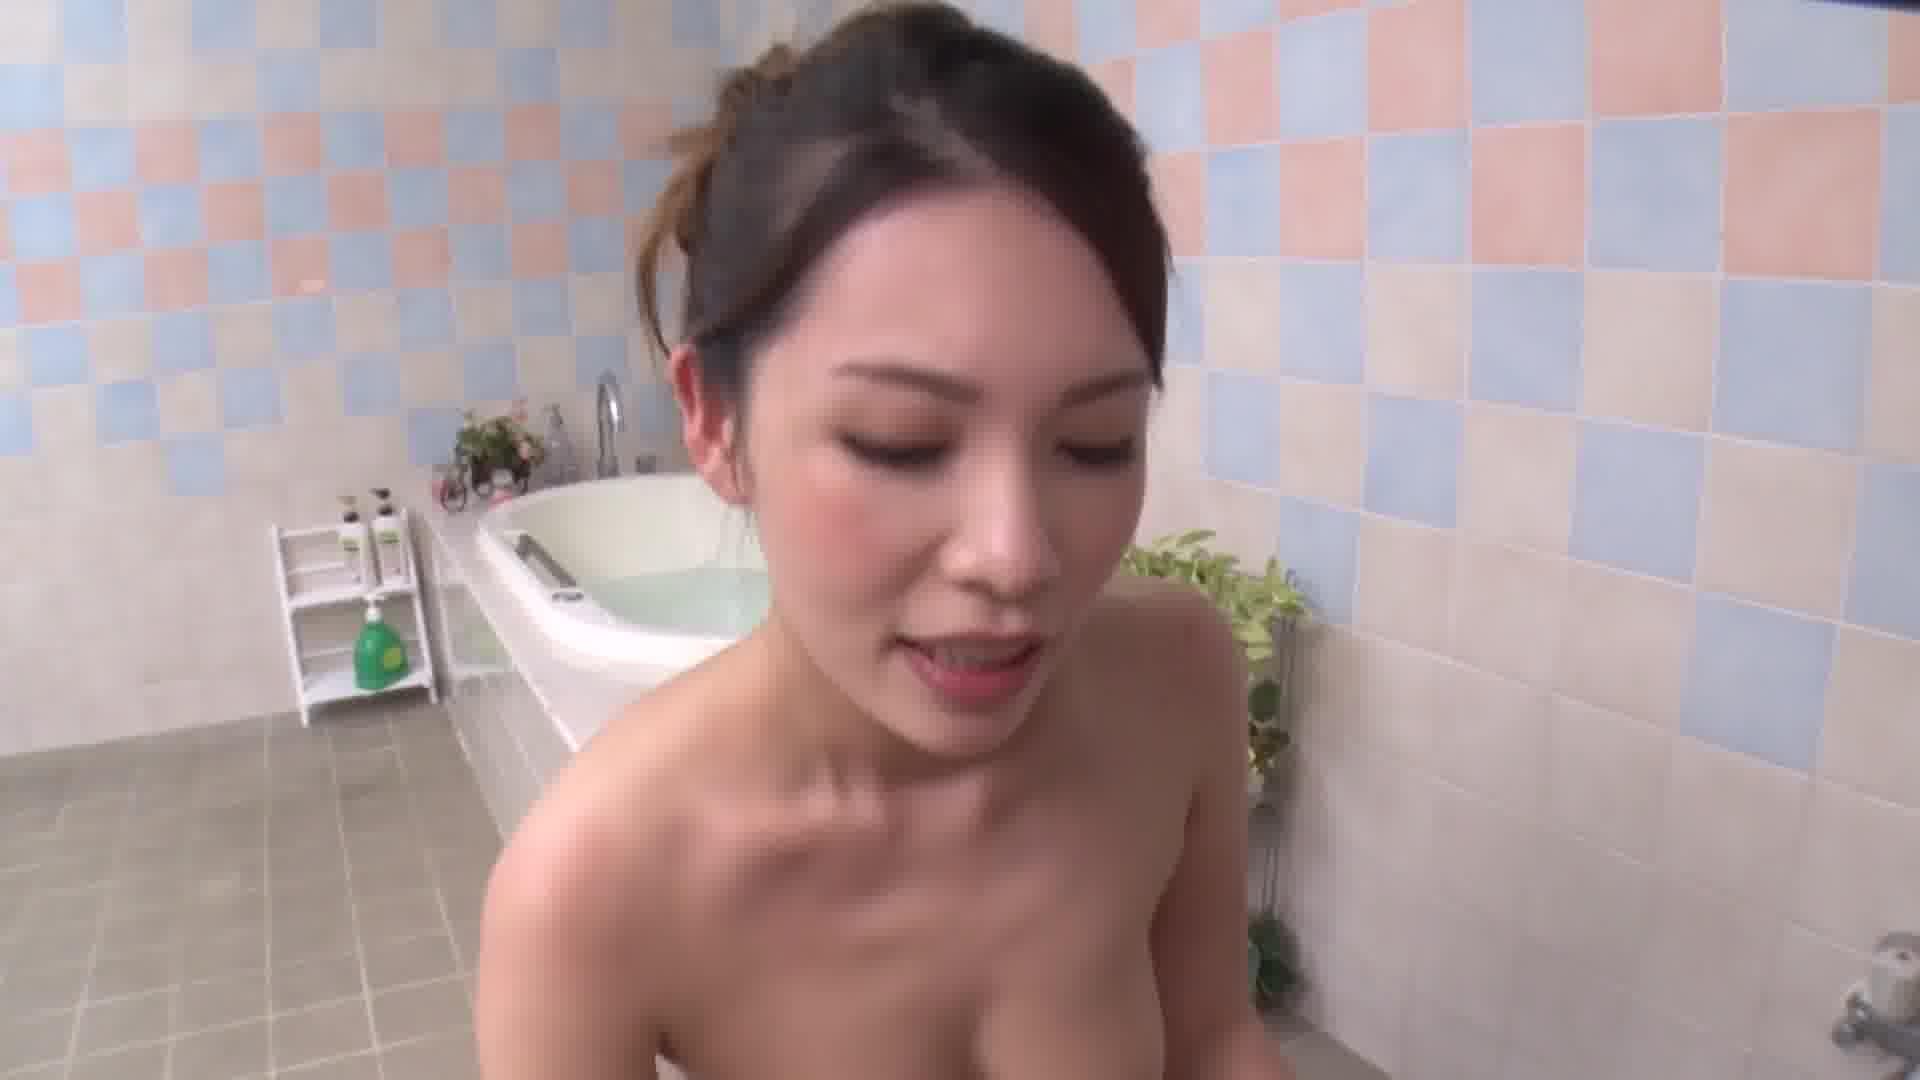 極上泡姫物語 Vol.84 - 上山奈々【スレンダー・美乳・中出し】